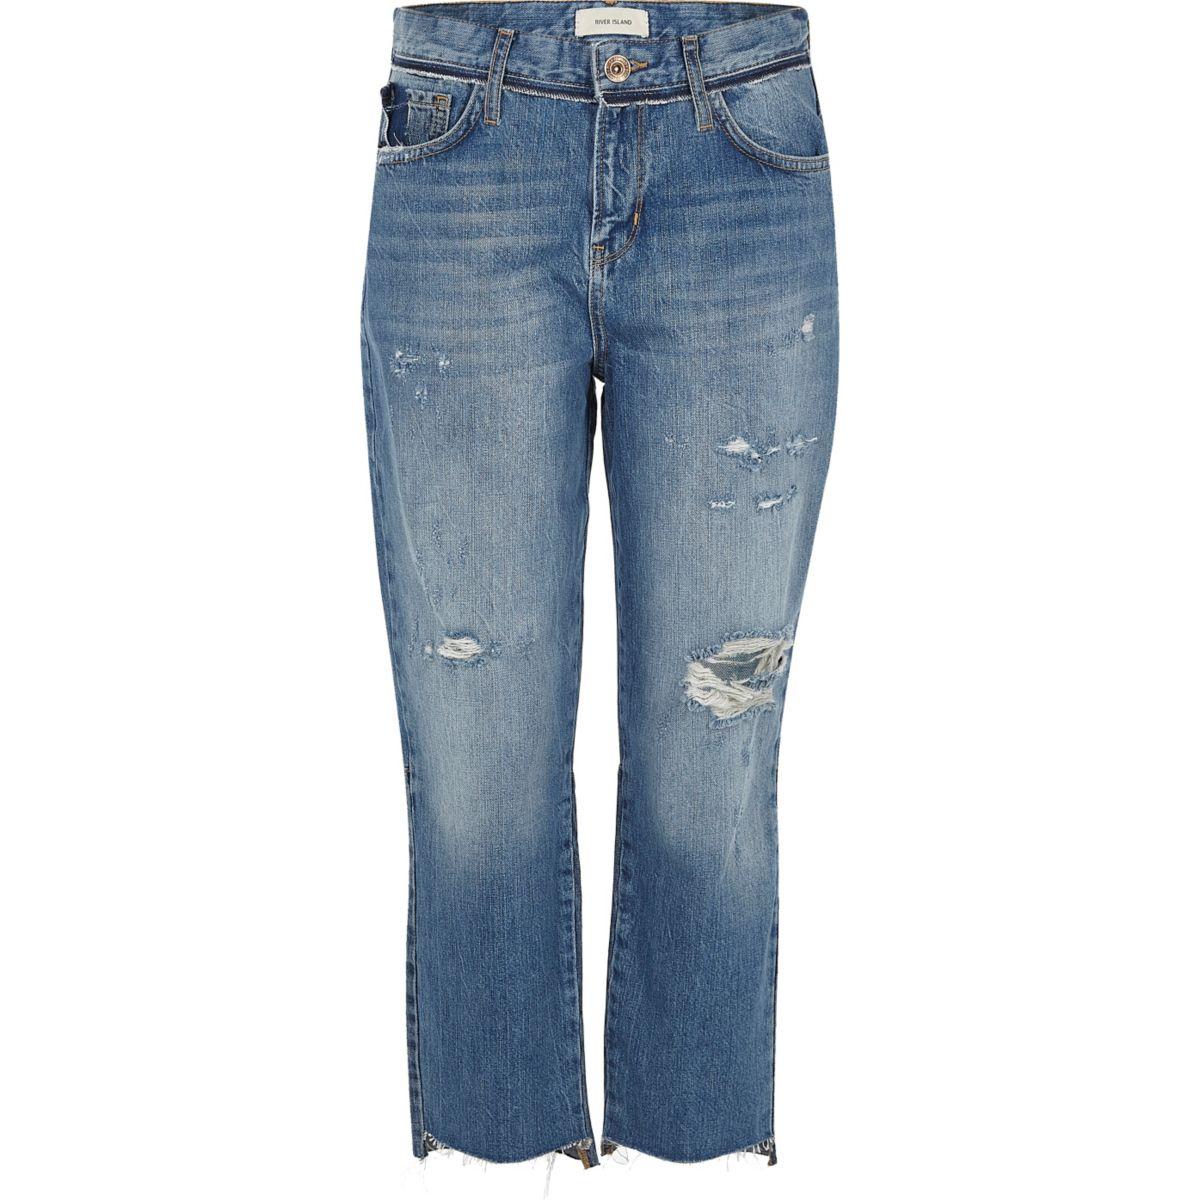 Middenblauwe distressed jeans met rechte pijpen